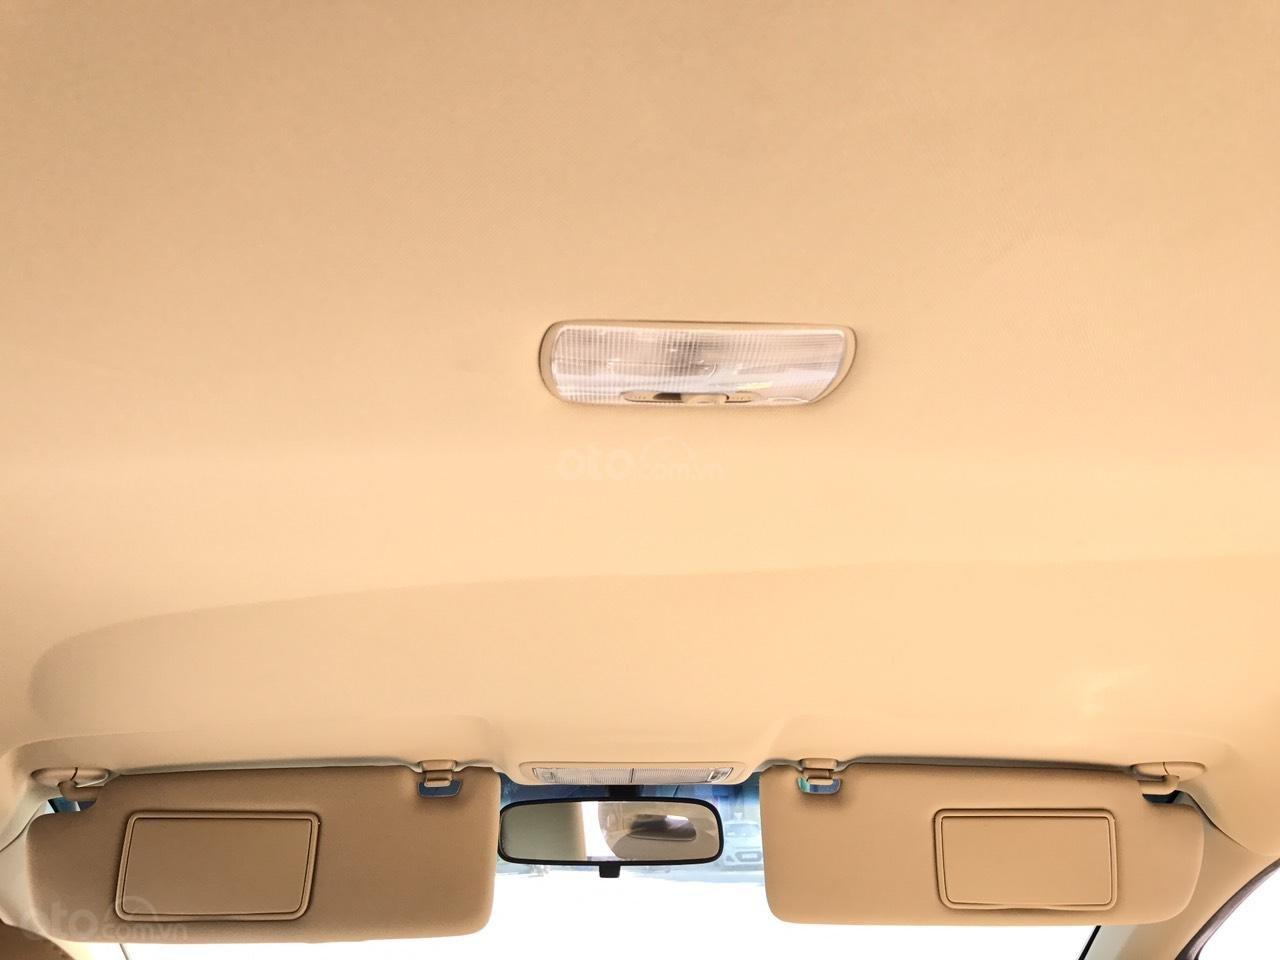 Bán xe Honda Civic 1.8 VTI AT năm sản xuất 2011, màu đen, lỗi biếu xe, mới thật (23)